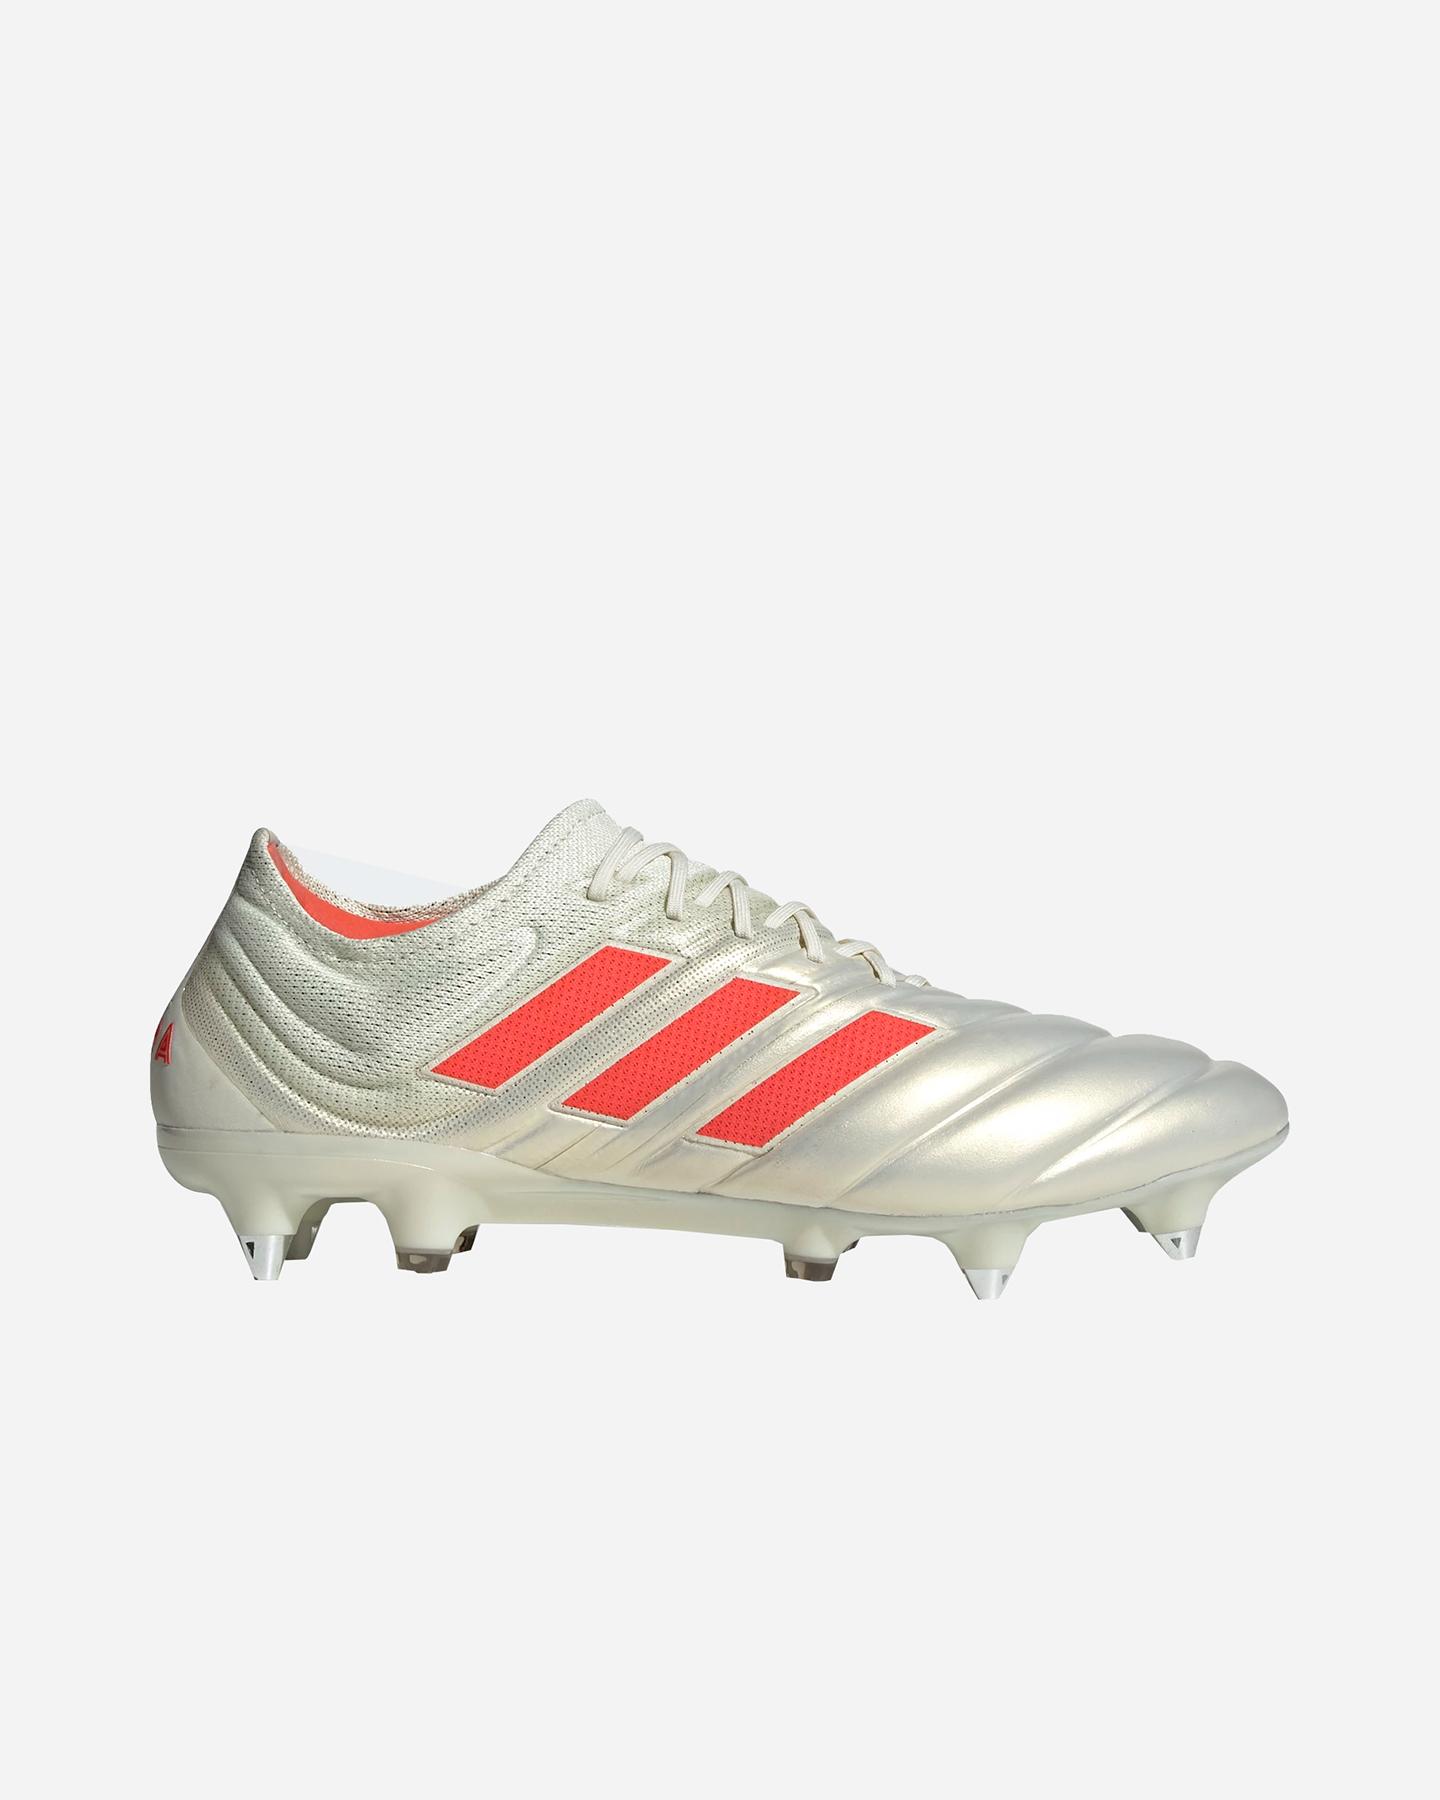 adidas all star scarpe